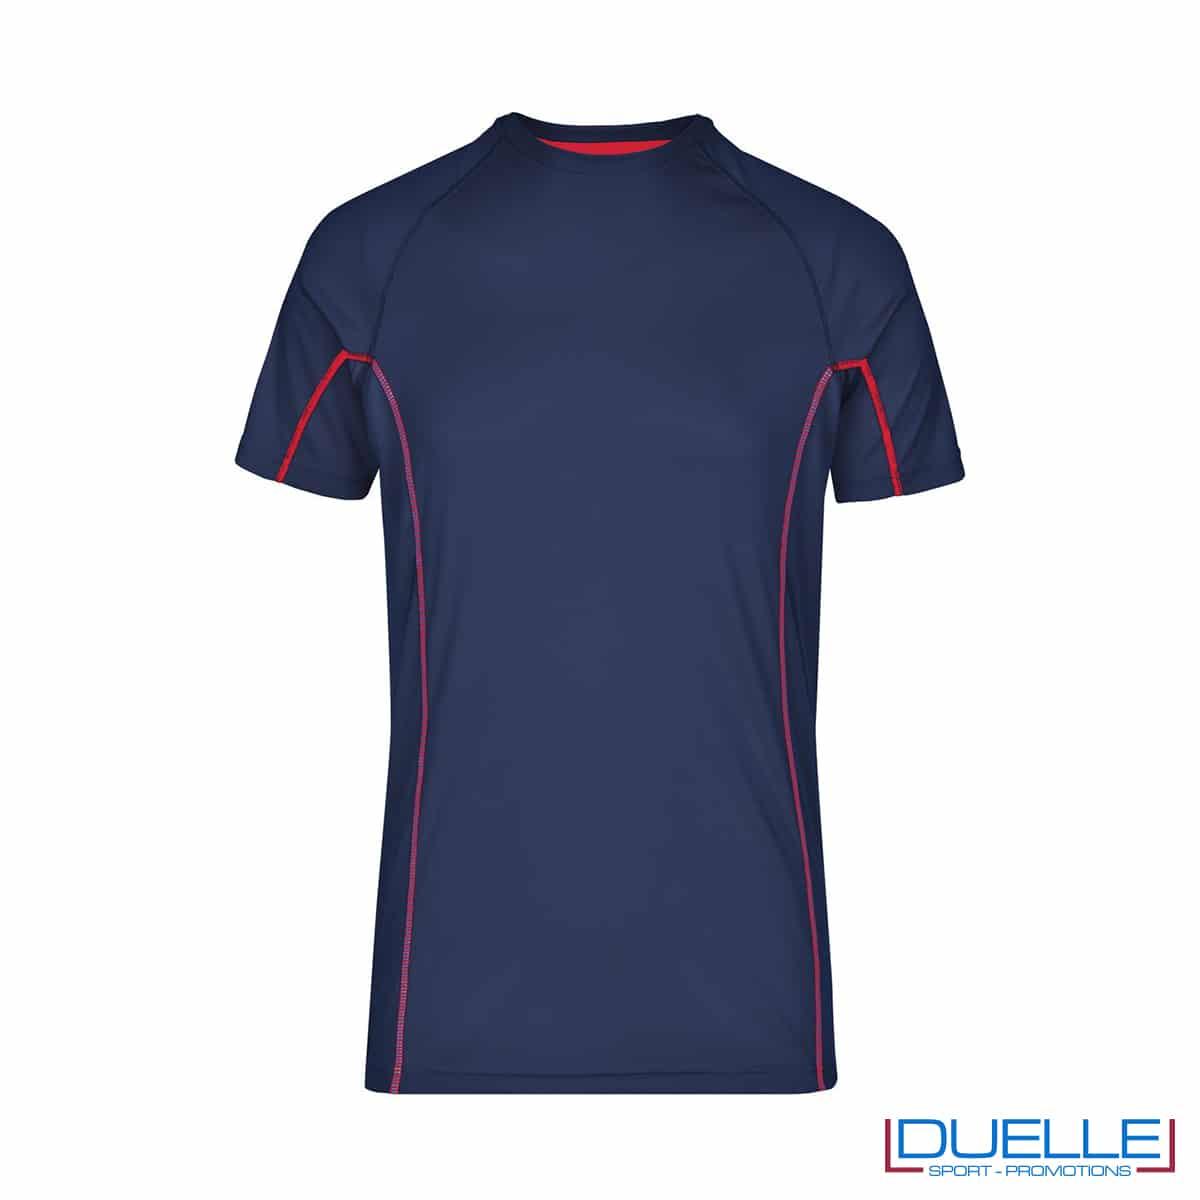 Maglia running Coolmax uomo colore blu navy/rosso personalizzata